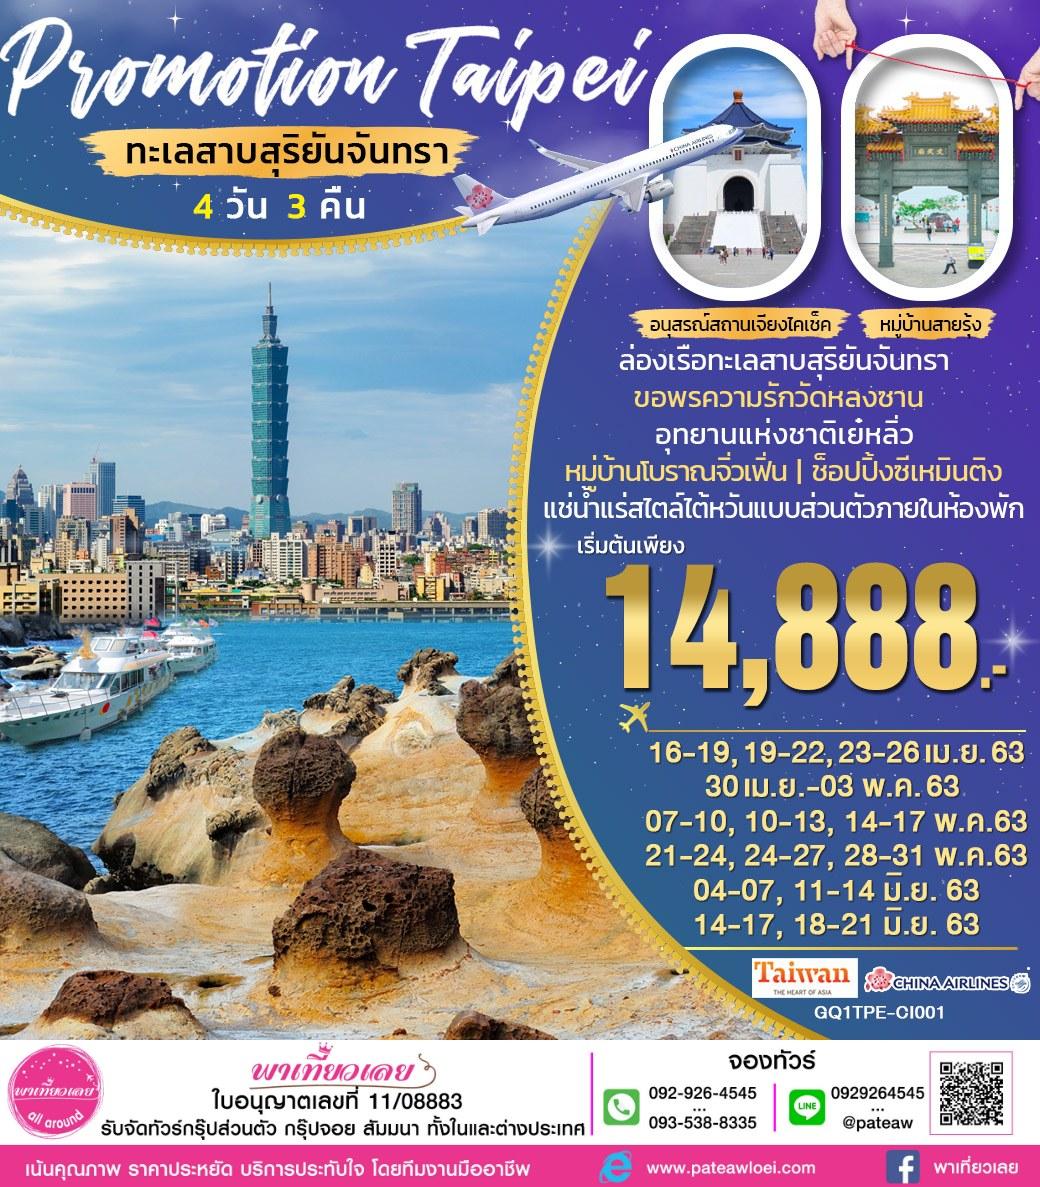 ไต้หวัน Promotion Taipei ทะเลสาบสุริยันจันทรา 4วัน 3คืน